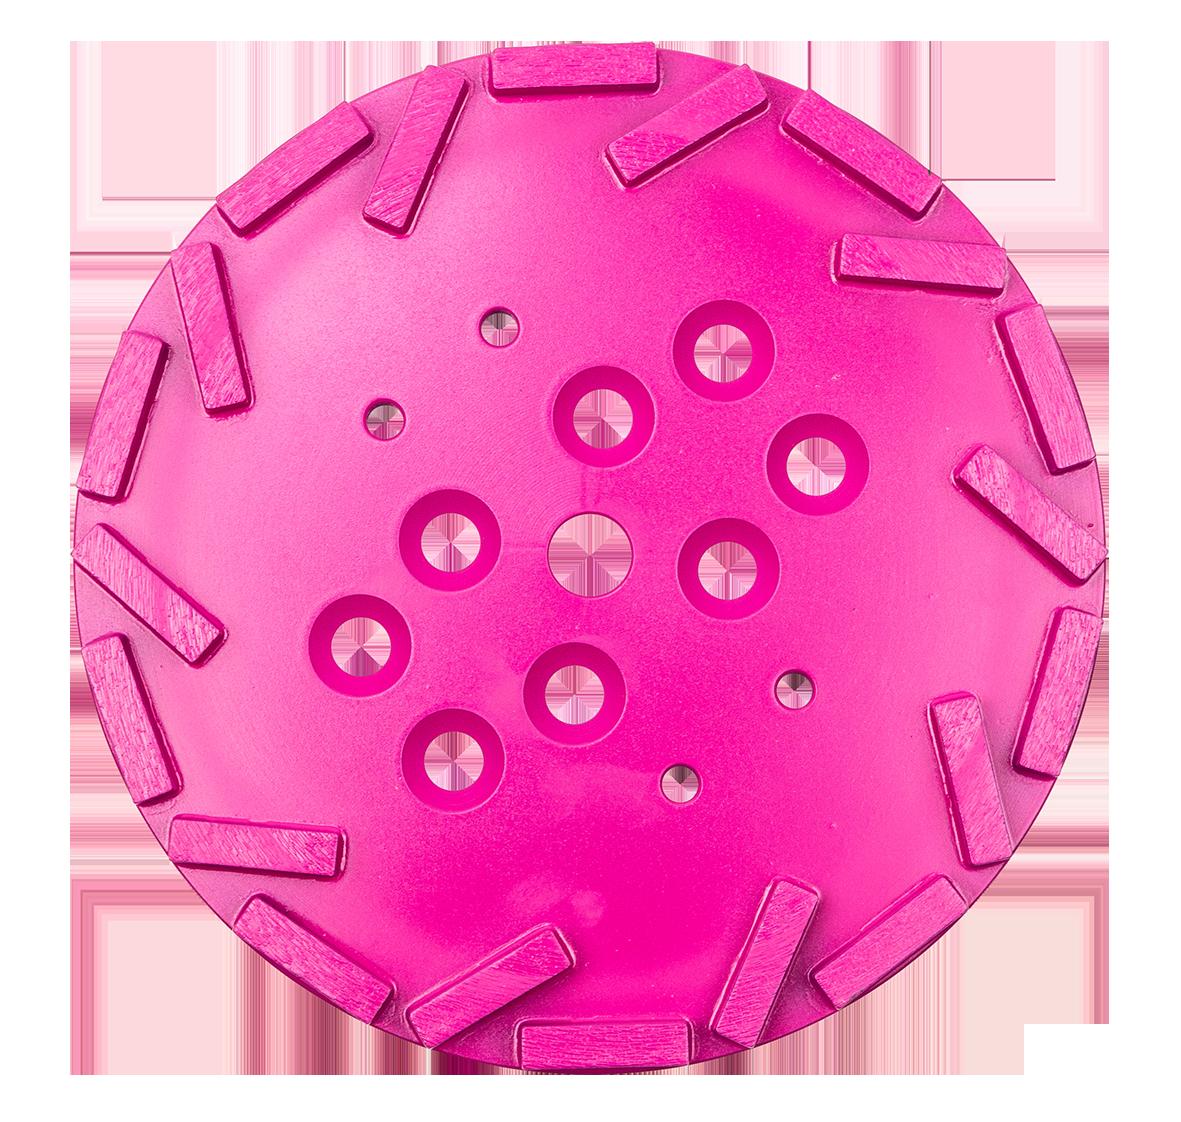 Floor Grinding Wheel